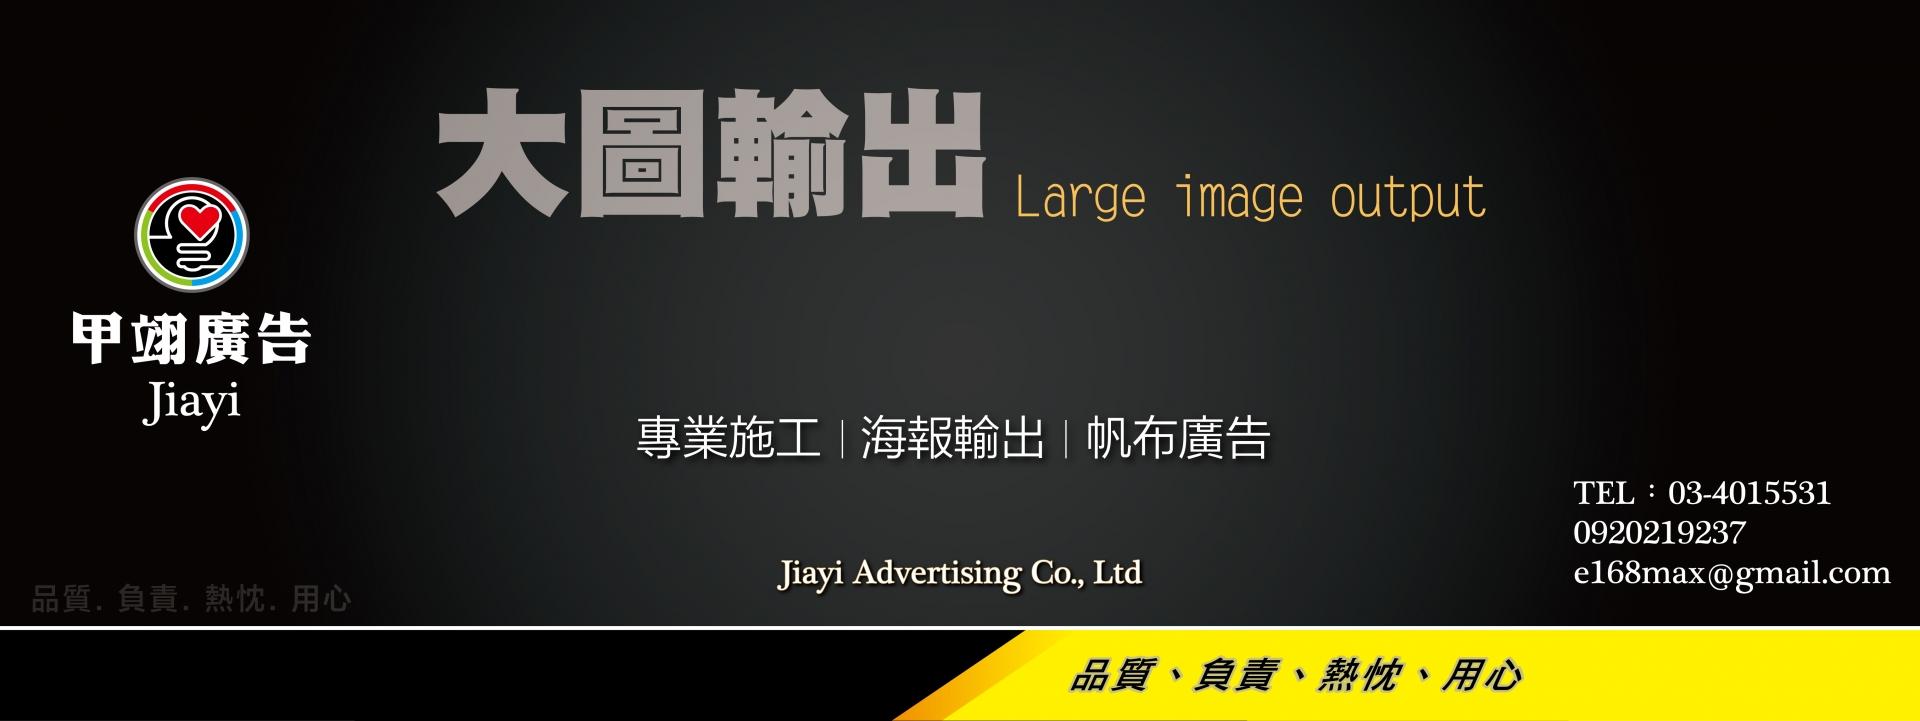 甲翊廣告有限公司